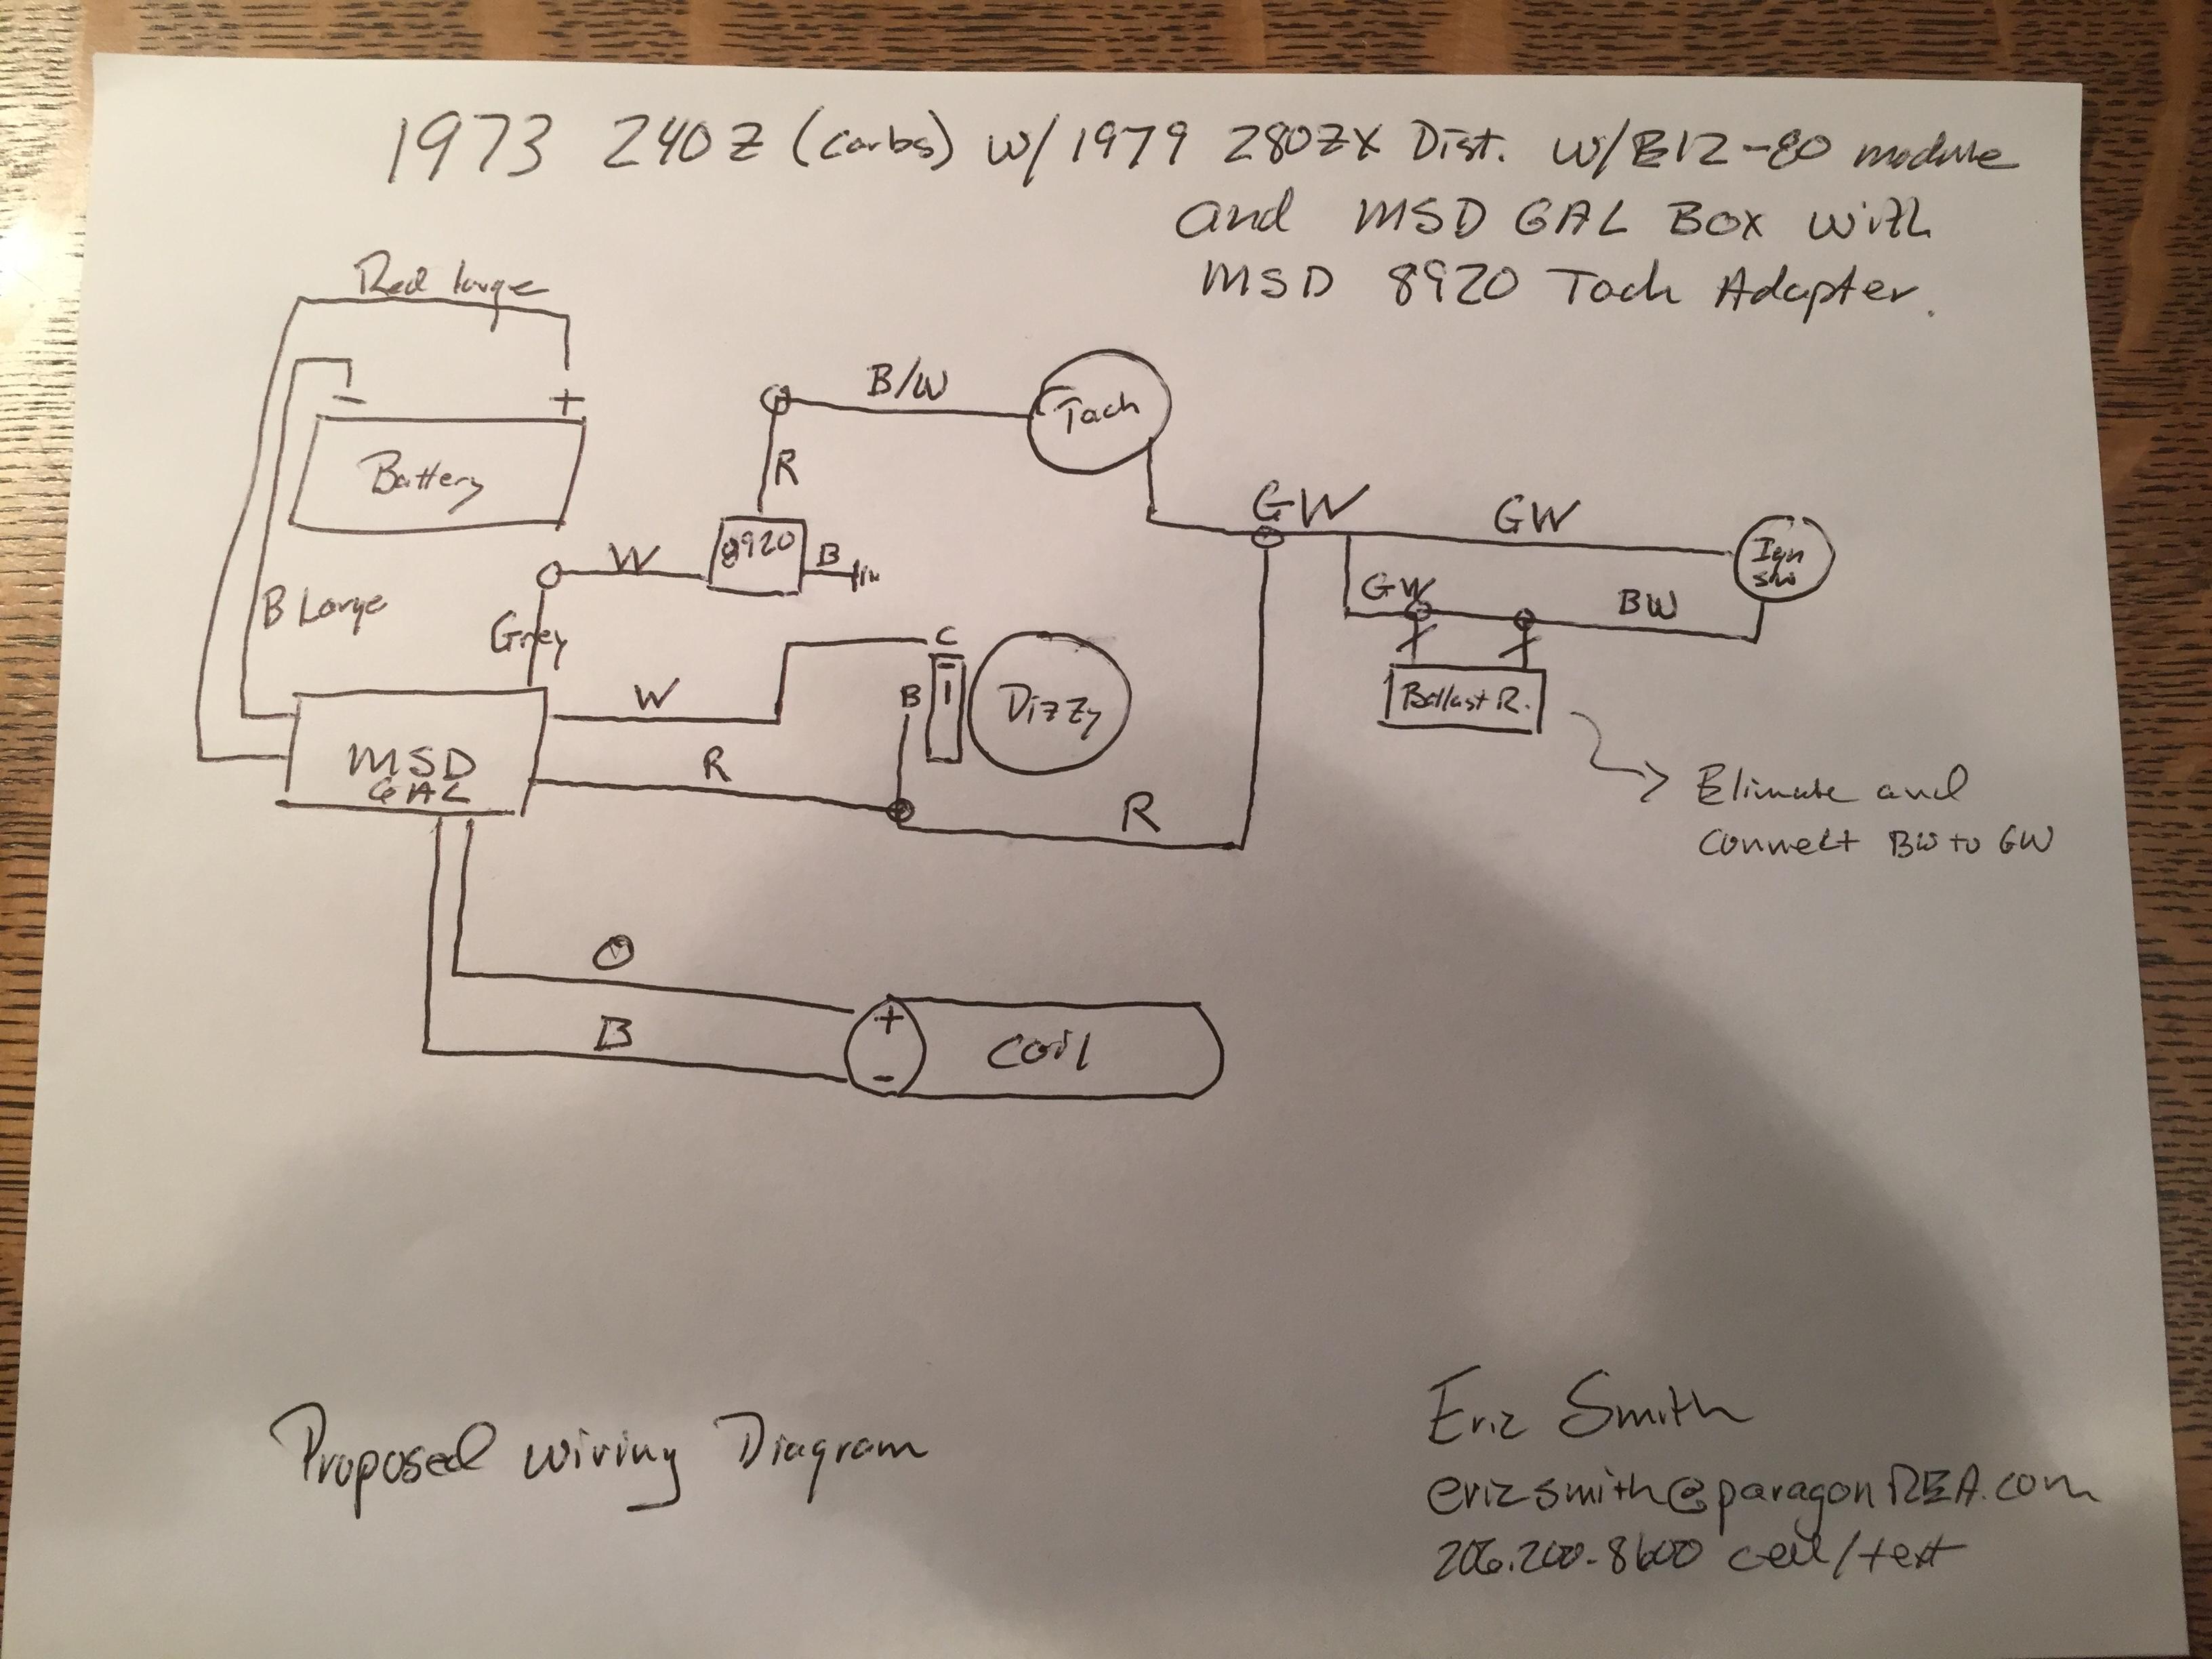 msd tach adapter wiring diagram mopar msd 8920 tach adapter wiring diagram wiring diagram  msd 8920 tach adapter wiring diagram